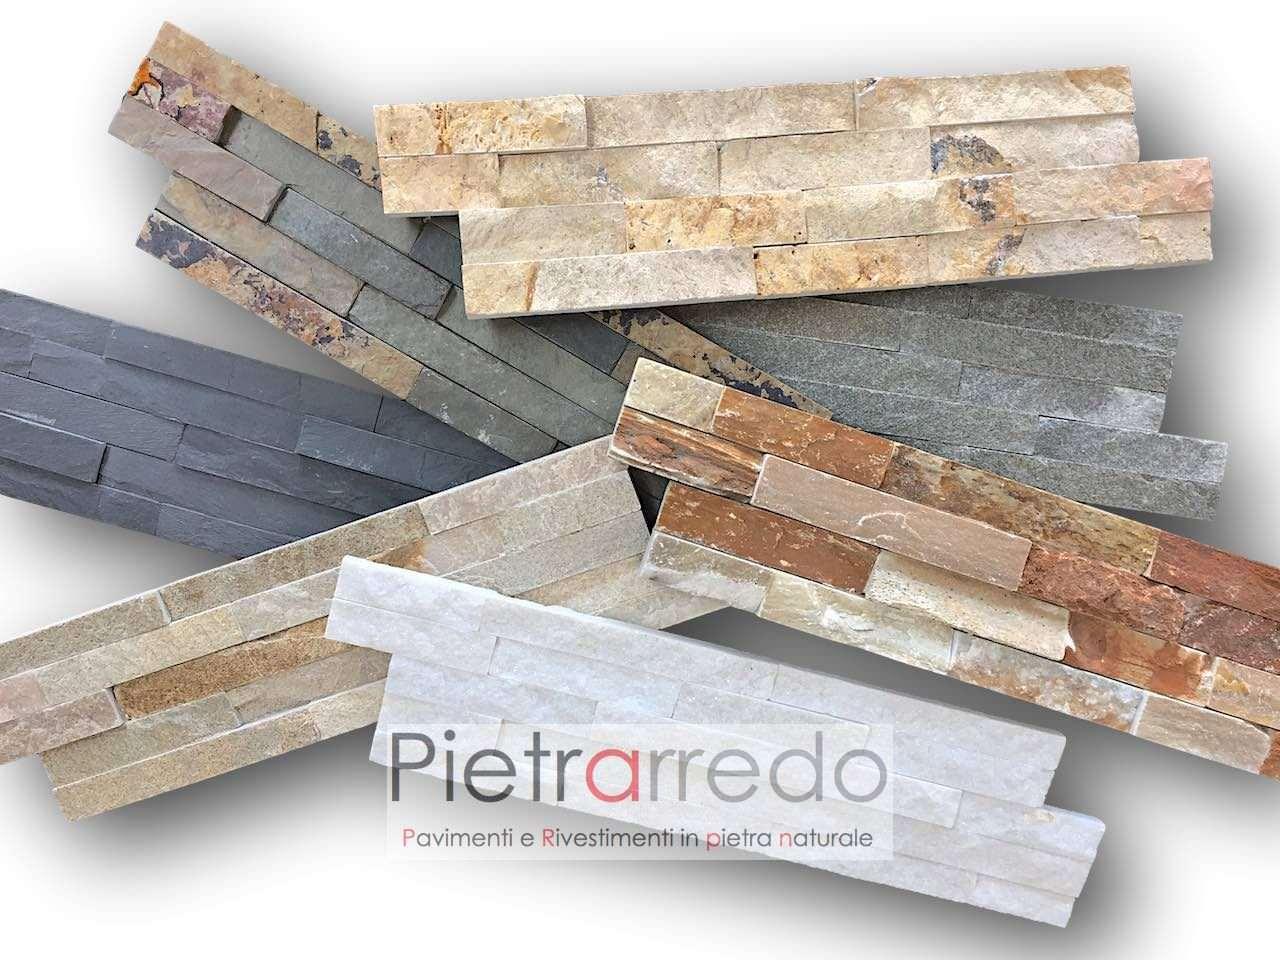 rivestimento-pietra-naturale-scaglia-quarzite-listelli-spaccatello-prezzo-costo-pietrarredo-stone-cladding-price-offerte